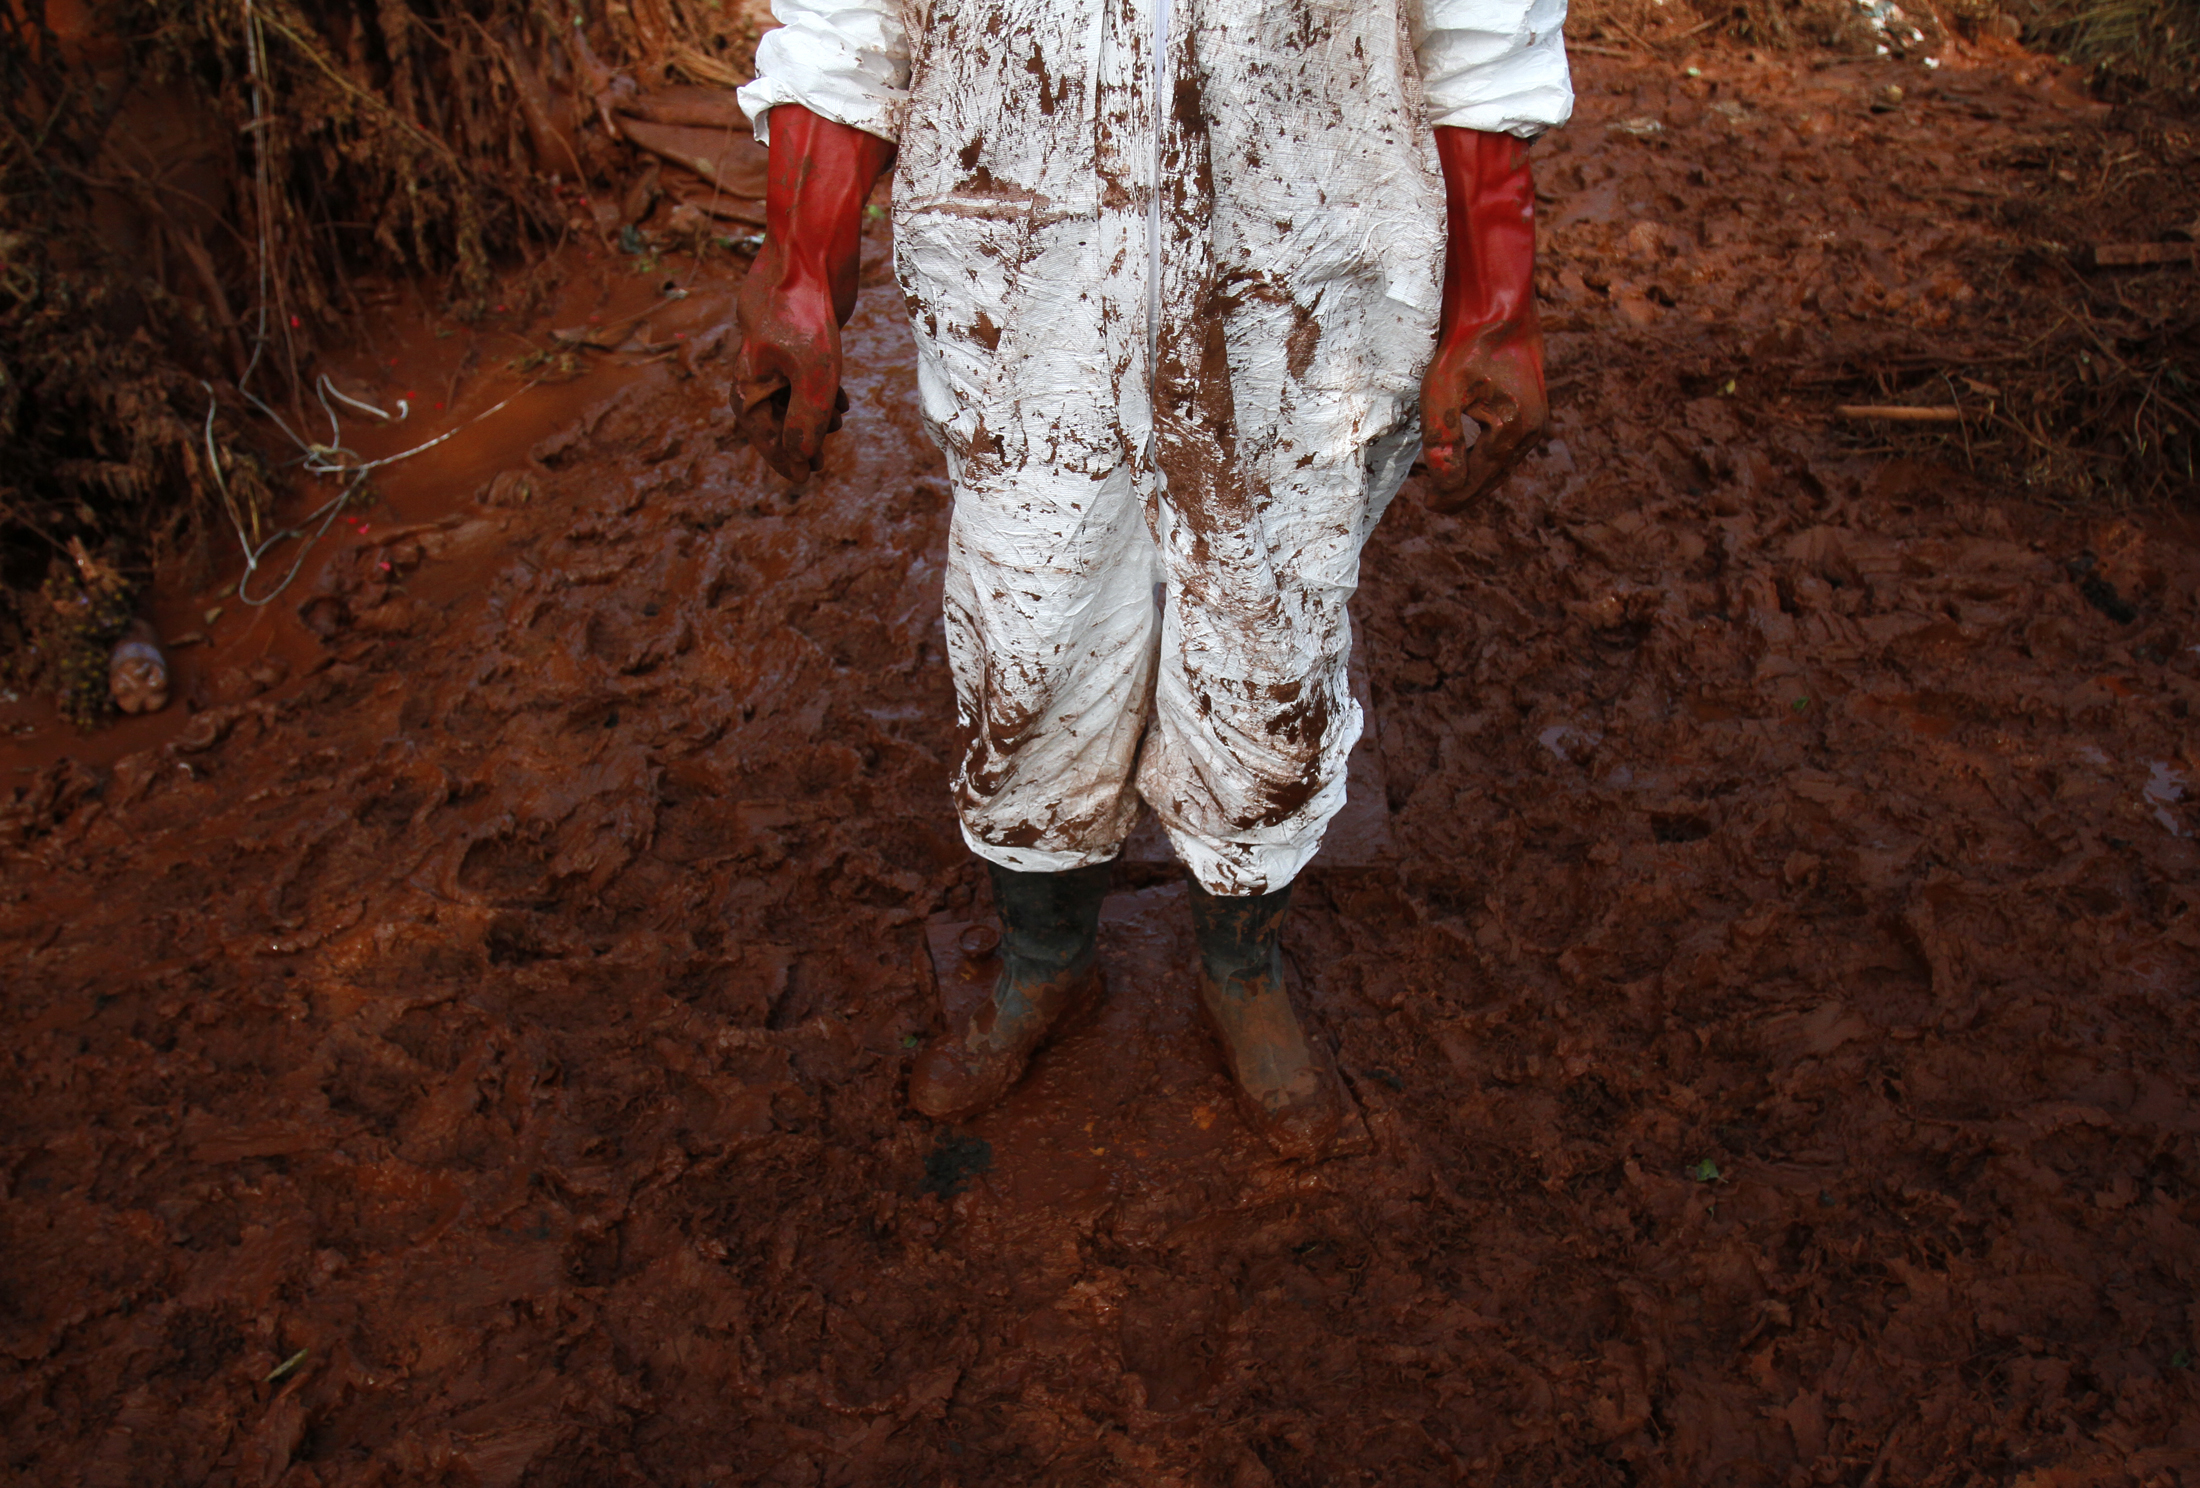 Szabó Bernadett: Iszapkatasztrófa, Devecser, 2010 © Szabó Bernadett/Reuters